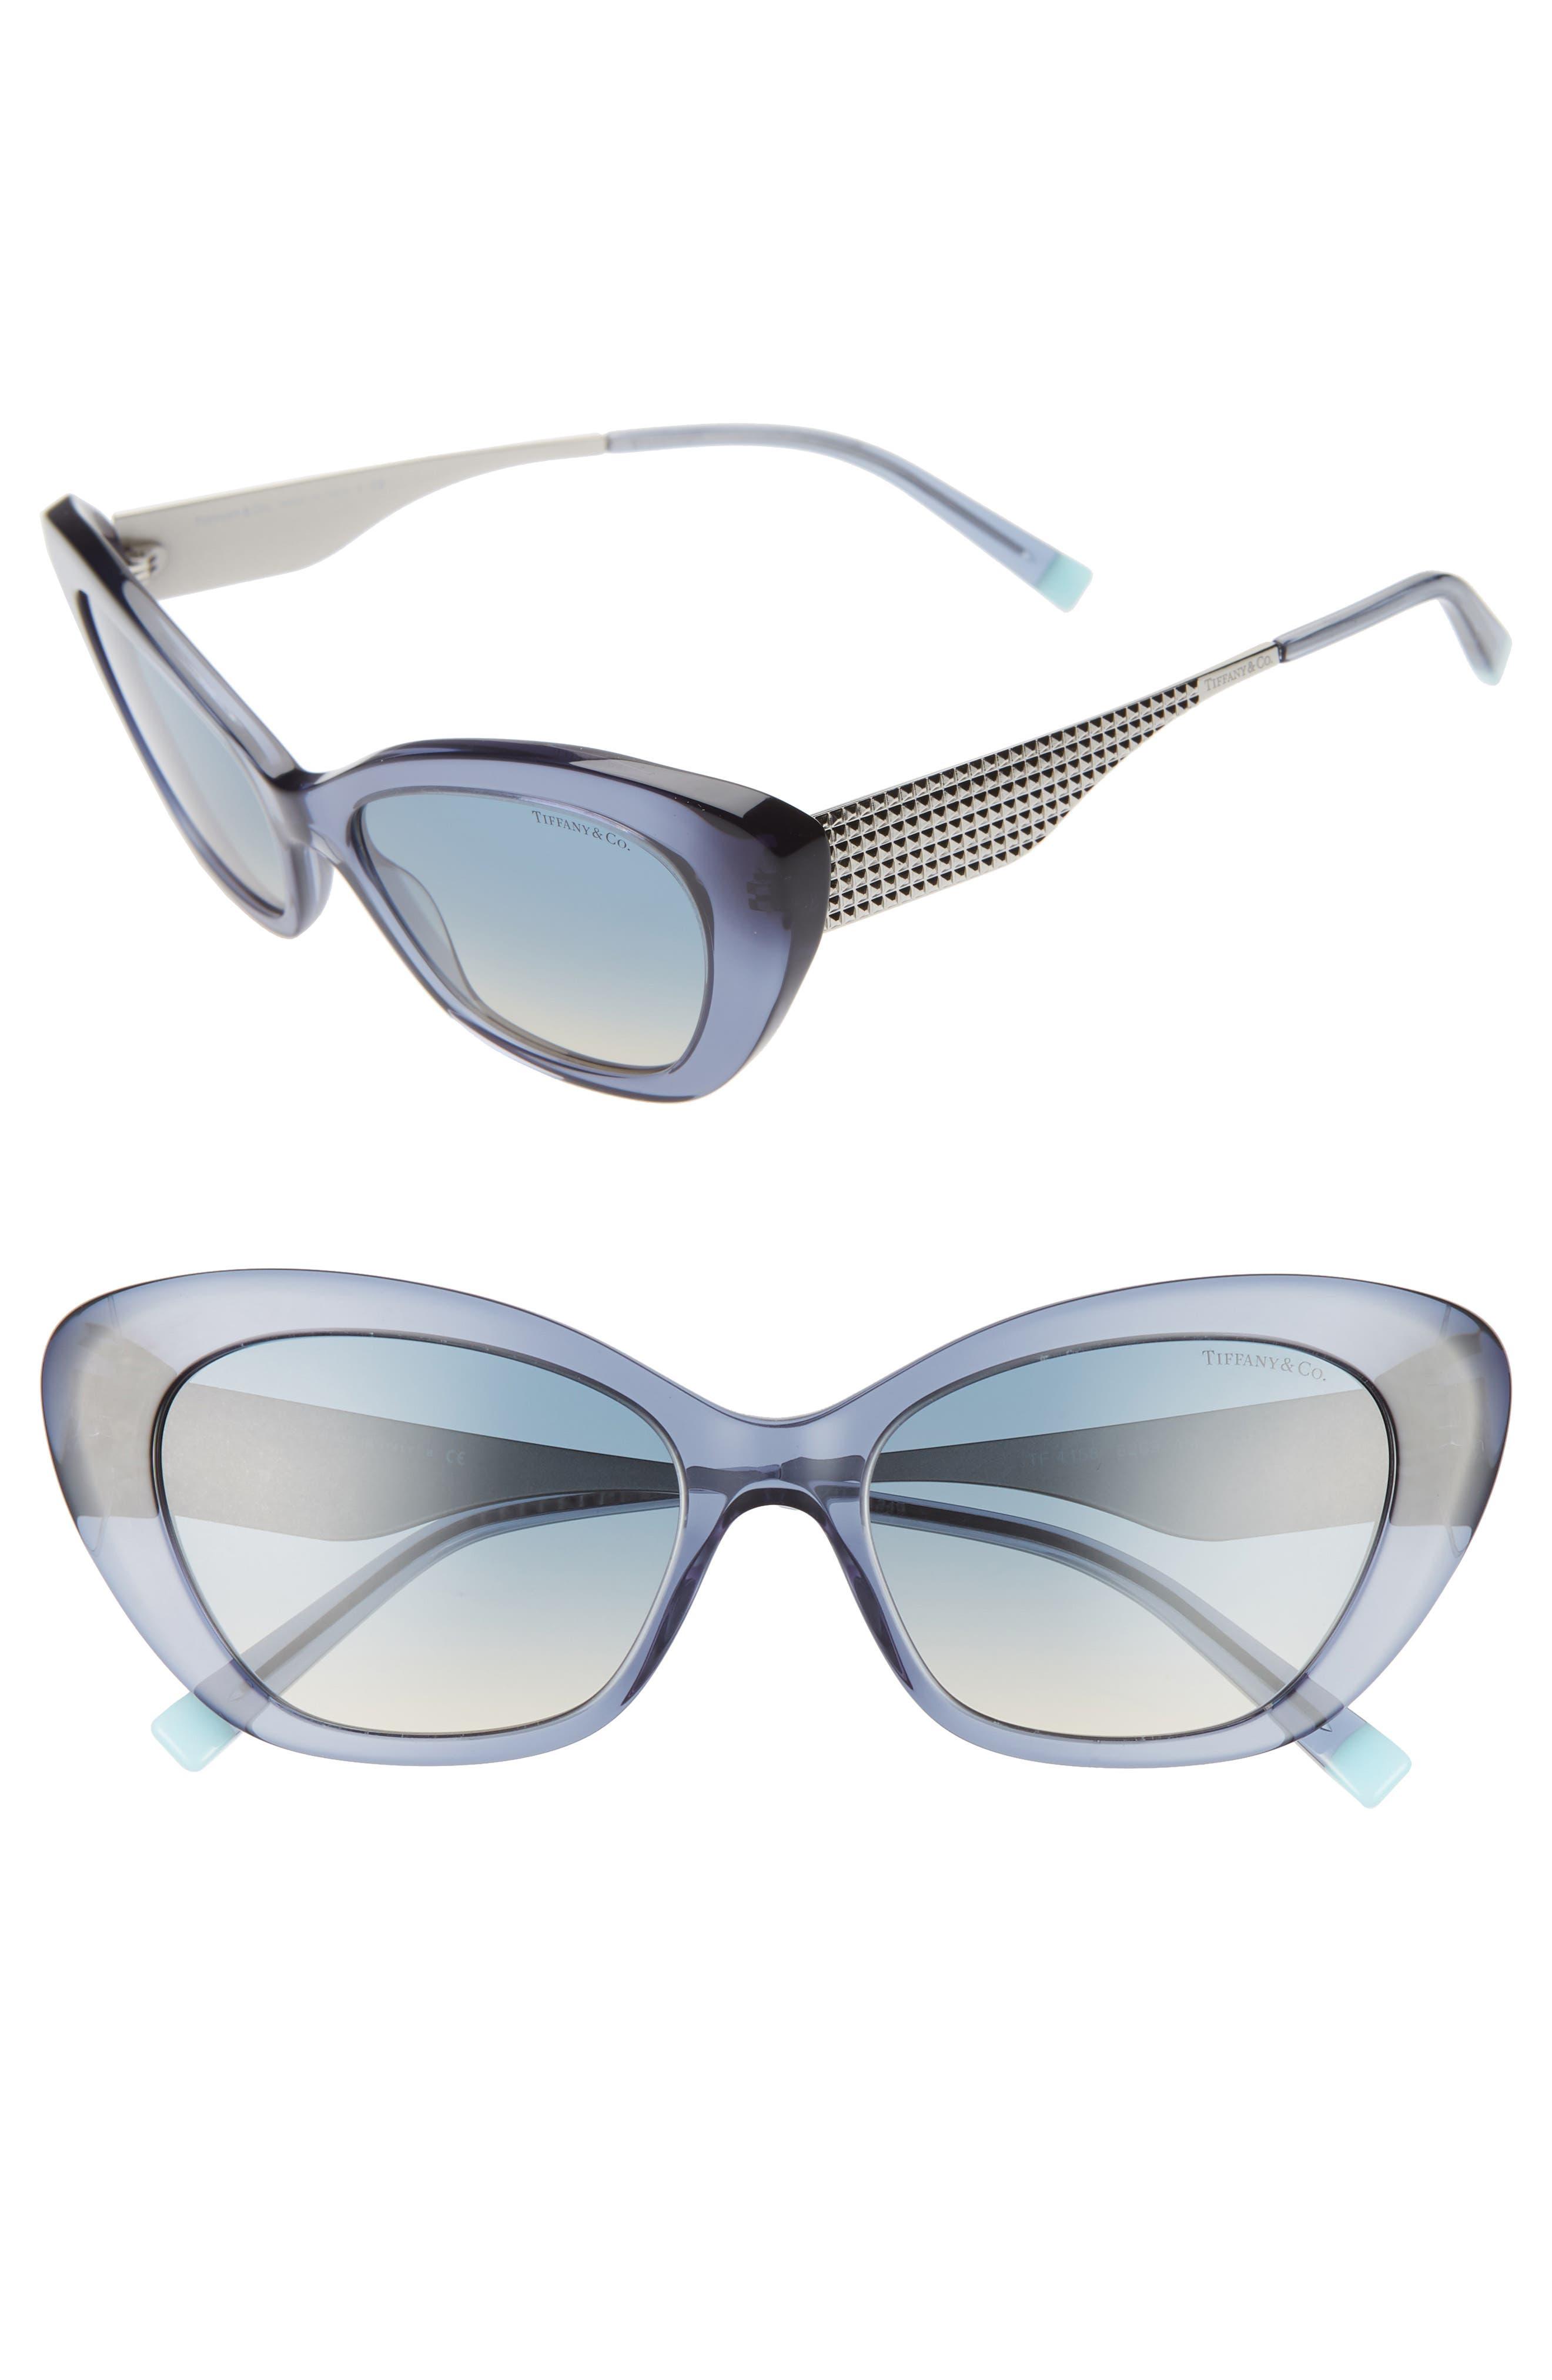 2ea95f94d1d Women s Tiffany   Co. Diamond Point 54Mm Gradient Cat Eye Sunglasses -  Blue  Silver